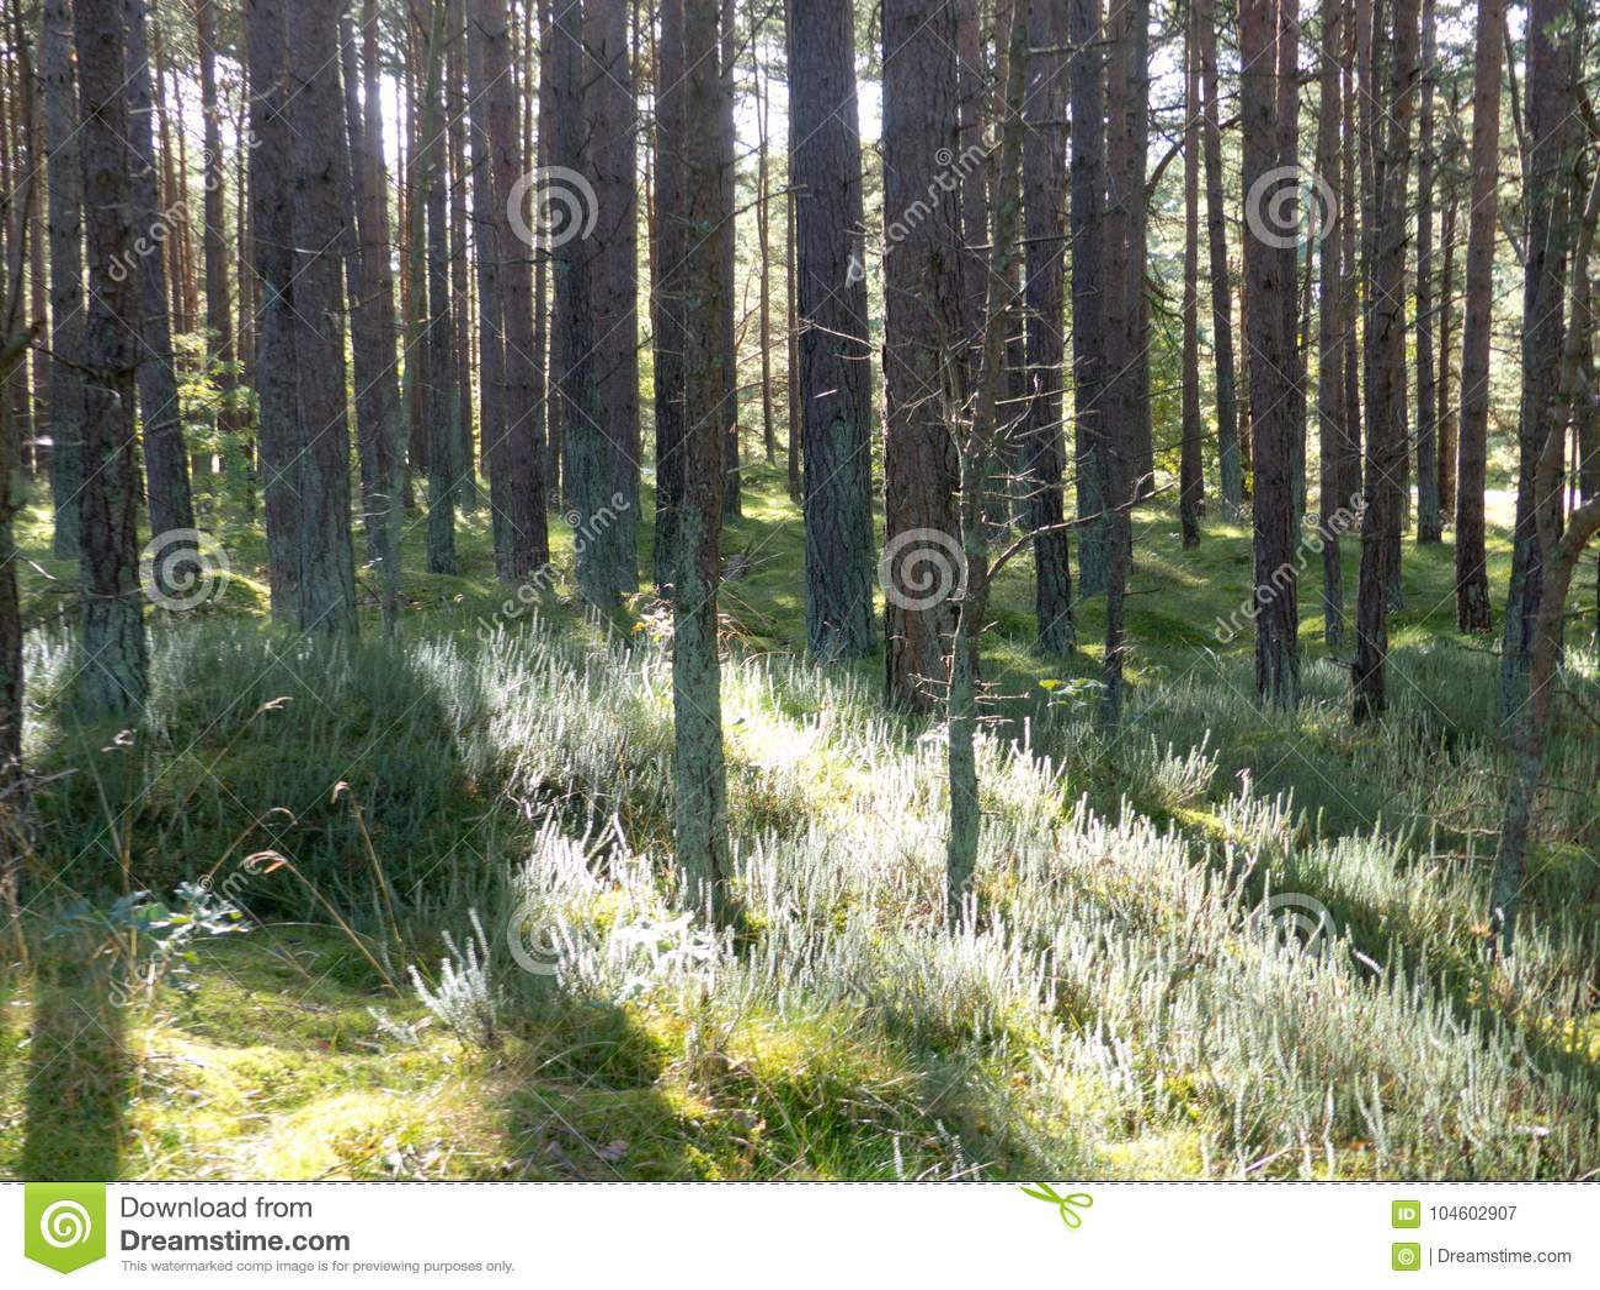 Heide im Holz, Heideholzwaldniederlassungsbaumabschlussnahaufnahmelichtdämmerungsäste treeebranches Sonne